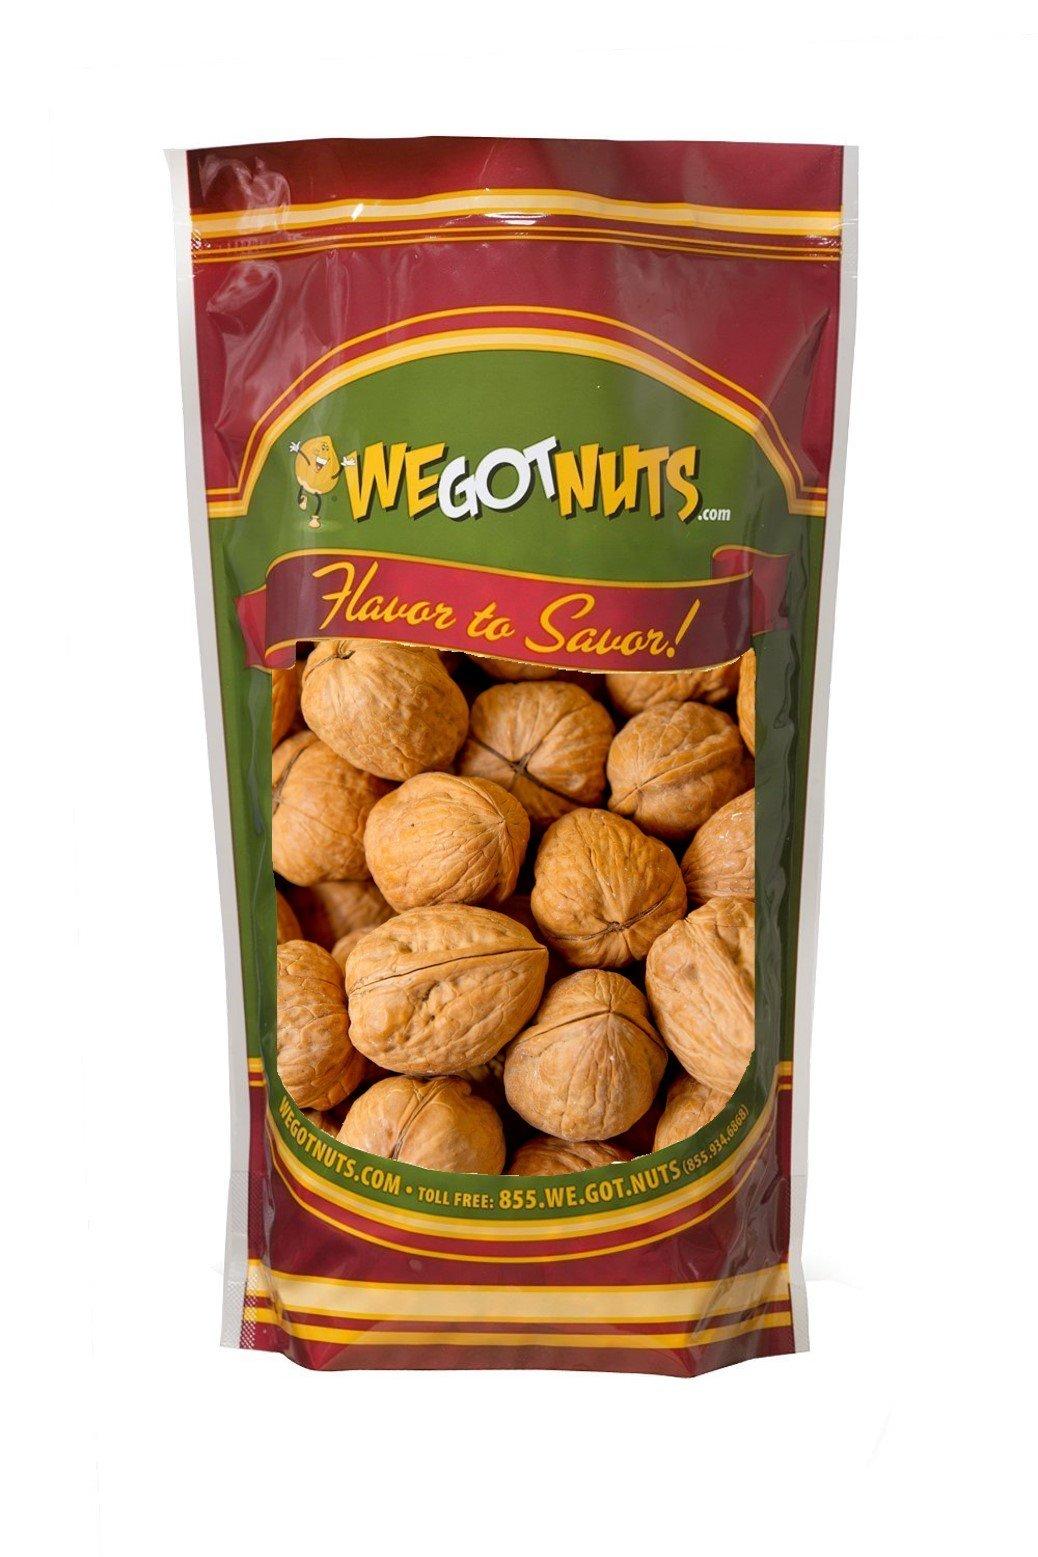 Walnuts In Shell , Jumbo , Premium - We Got Nuts (3 LBS.)